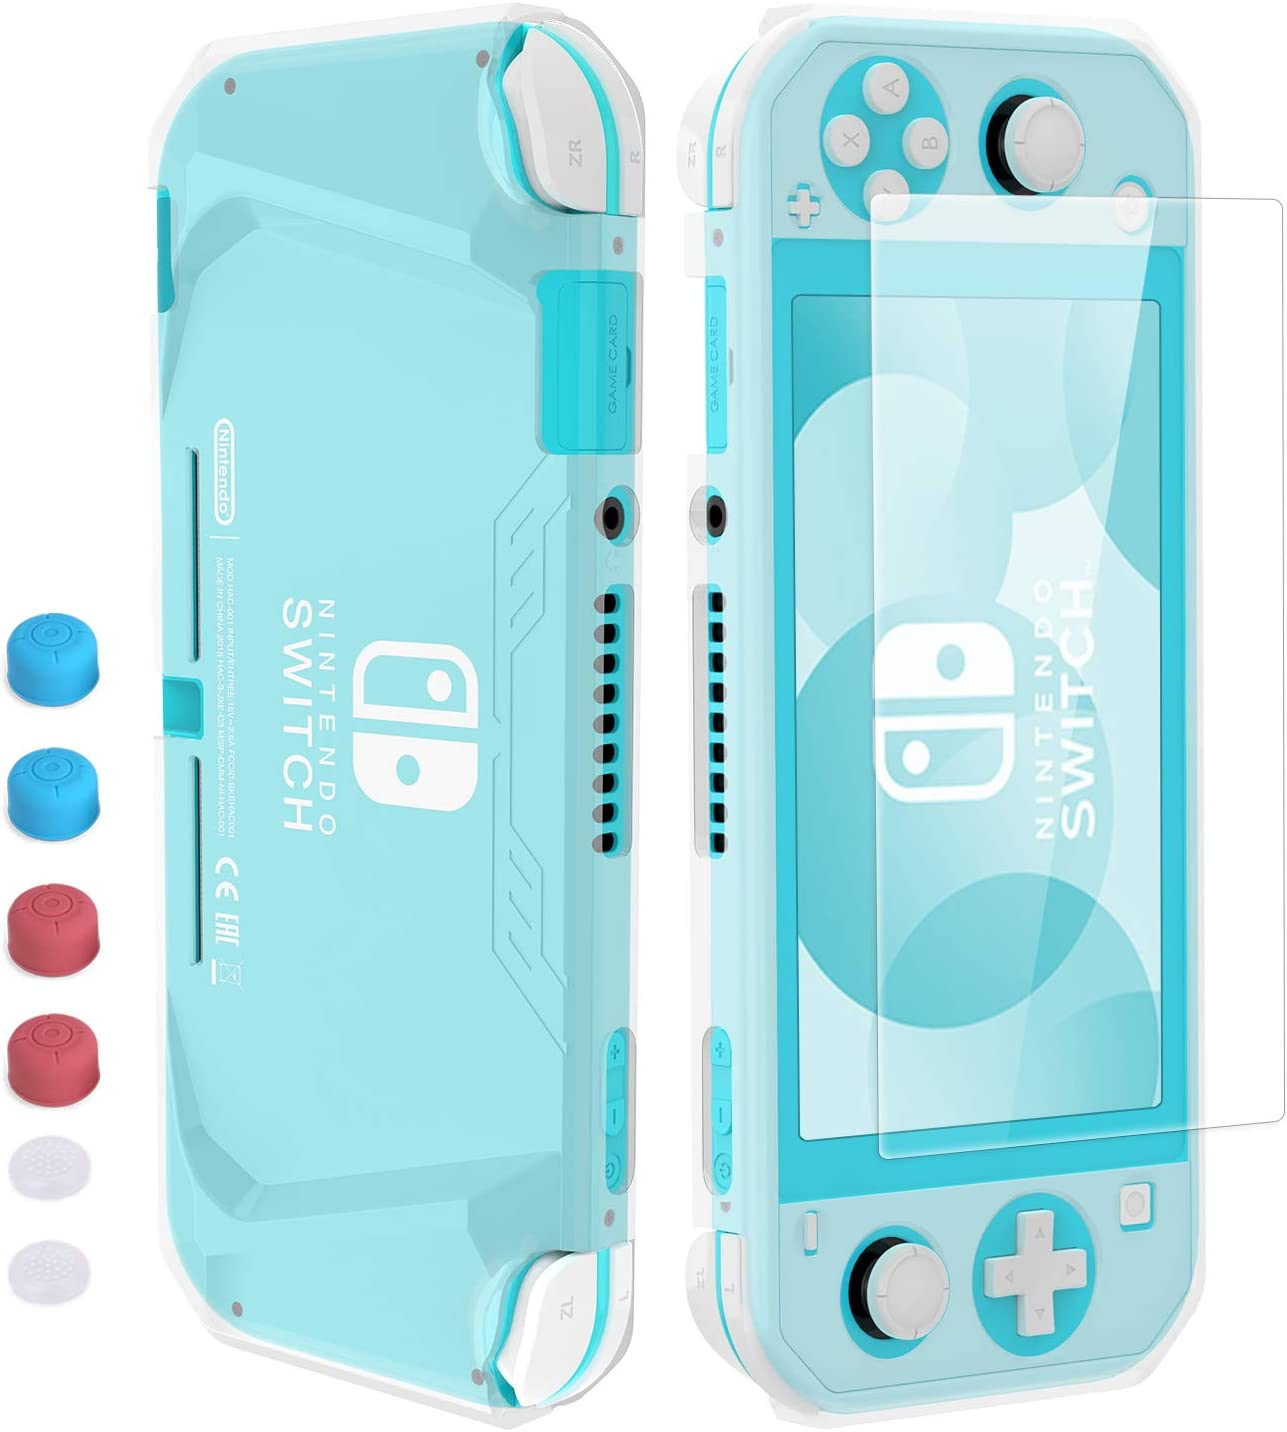 HEYSTOP Funda para Nintendo Switch Lite, Carcasa Switch Lite con Protector de Pantalla y 6 Agarres para el Pulgar, Cubierta Protectora de TPU para Switch Lite con Antiarañazos (Transparente): Amazon.es: Electrónica